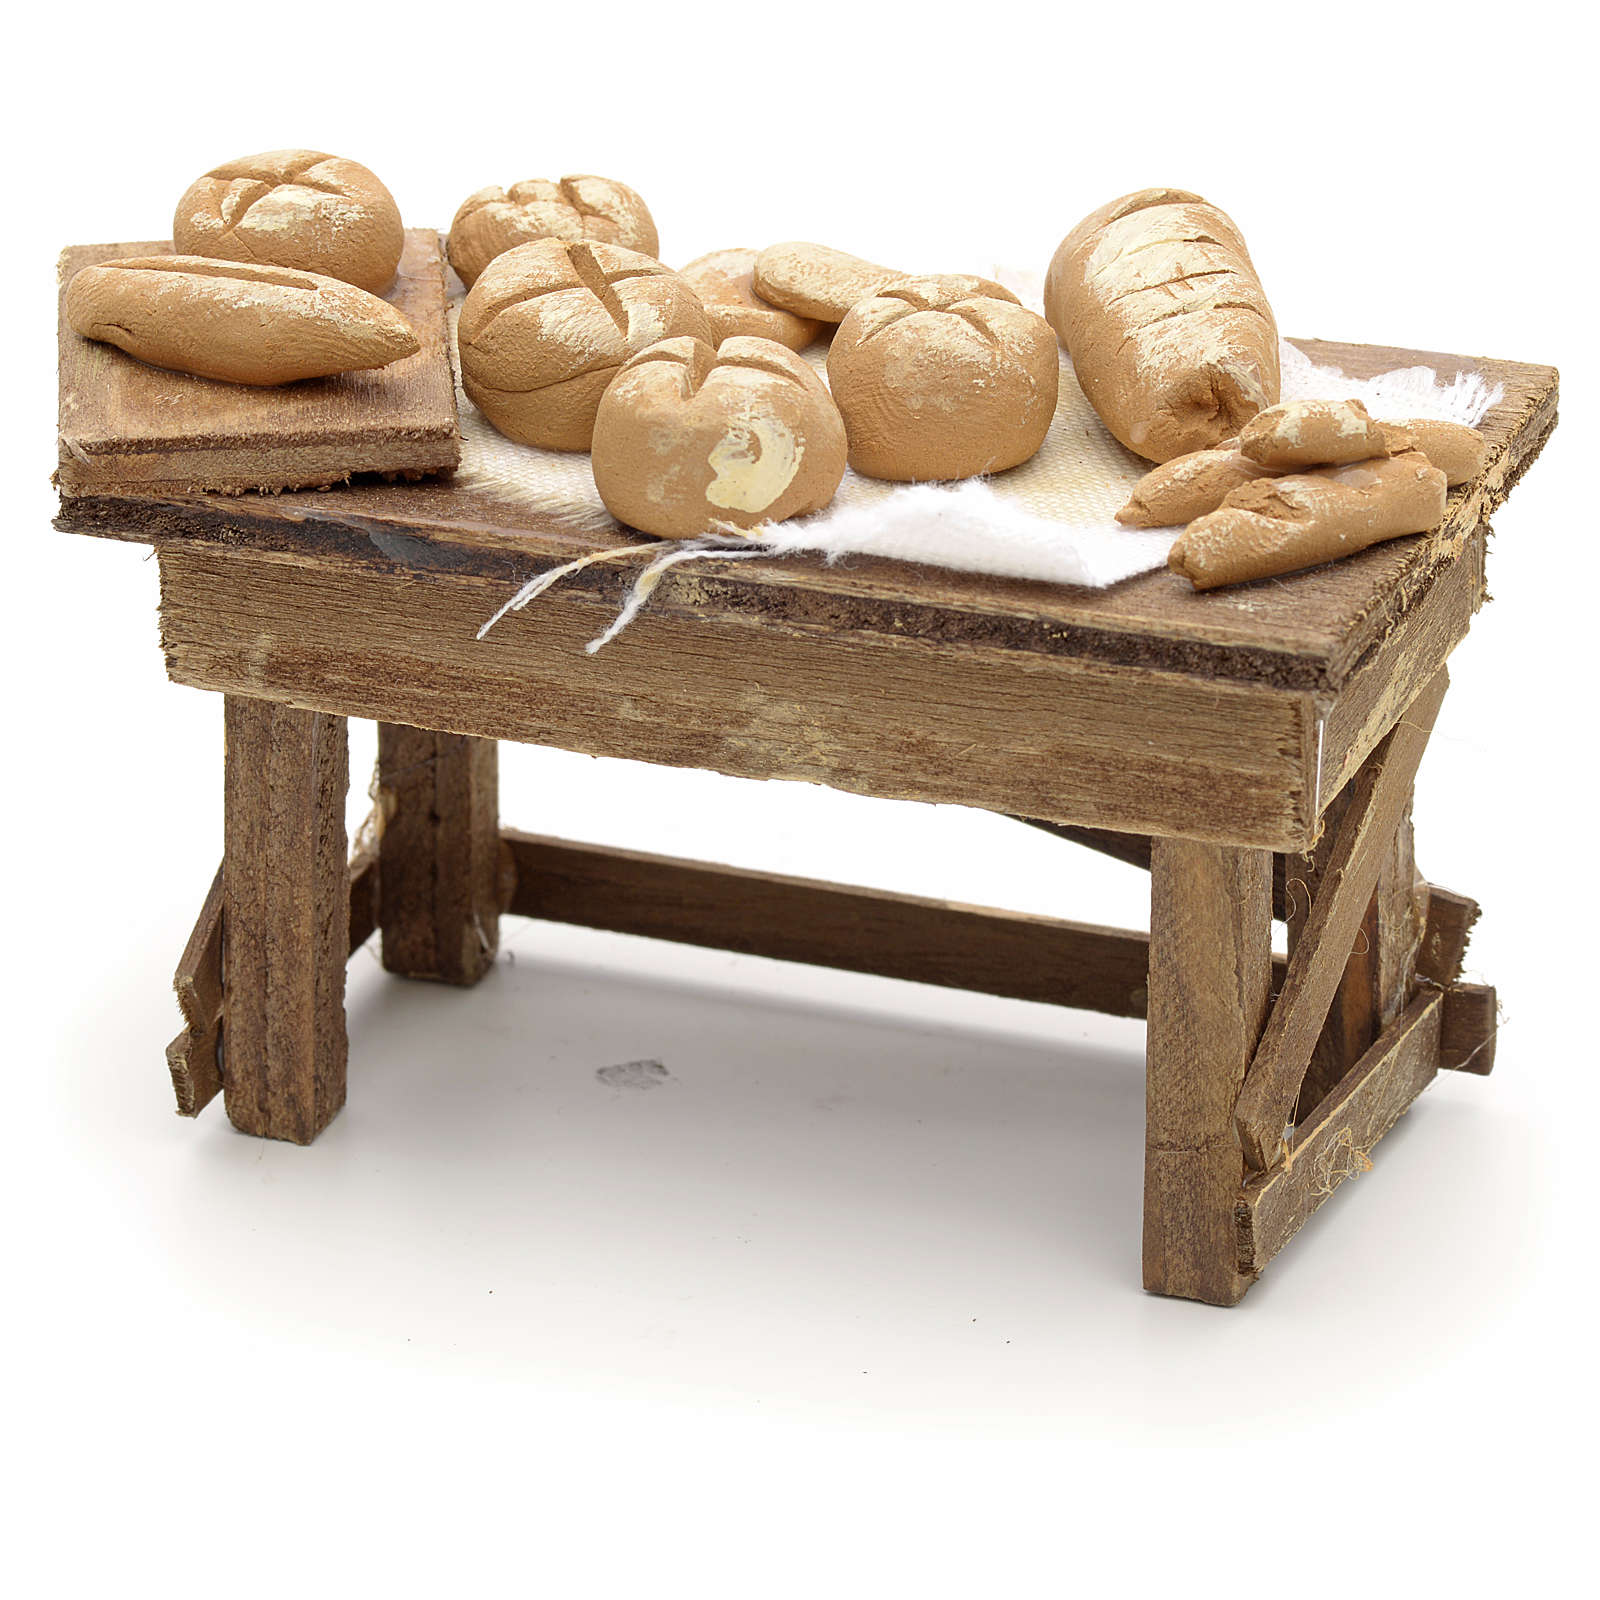 Table pour pain miniature crèche Napolitaine 4